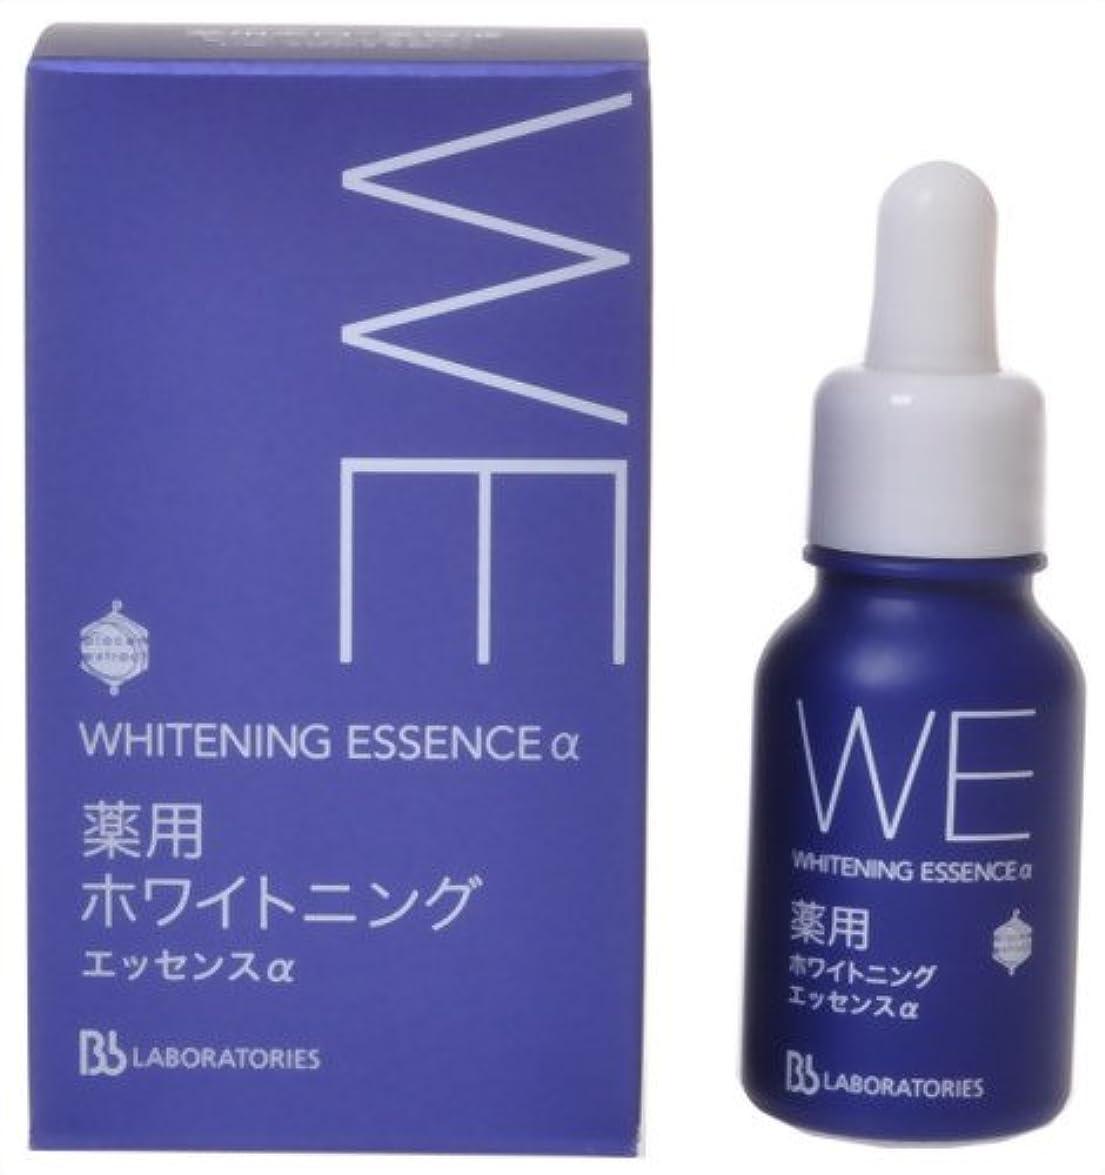 量で祝福する頭痛薬用ホワイトニングエッセンスα 9ml